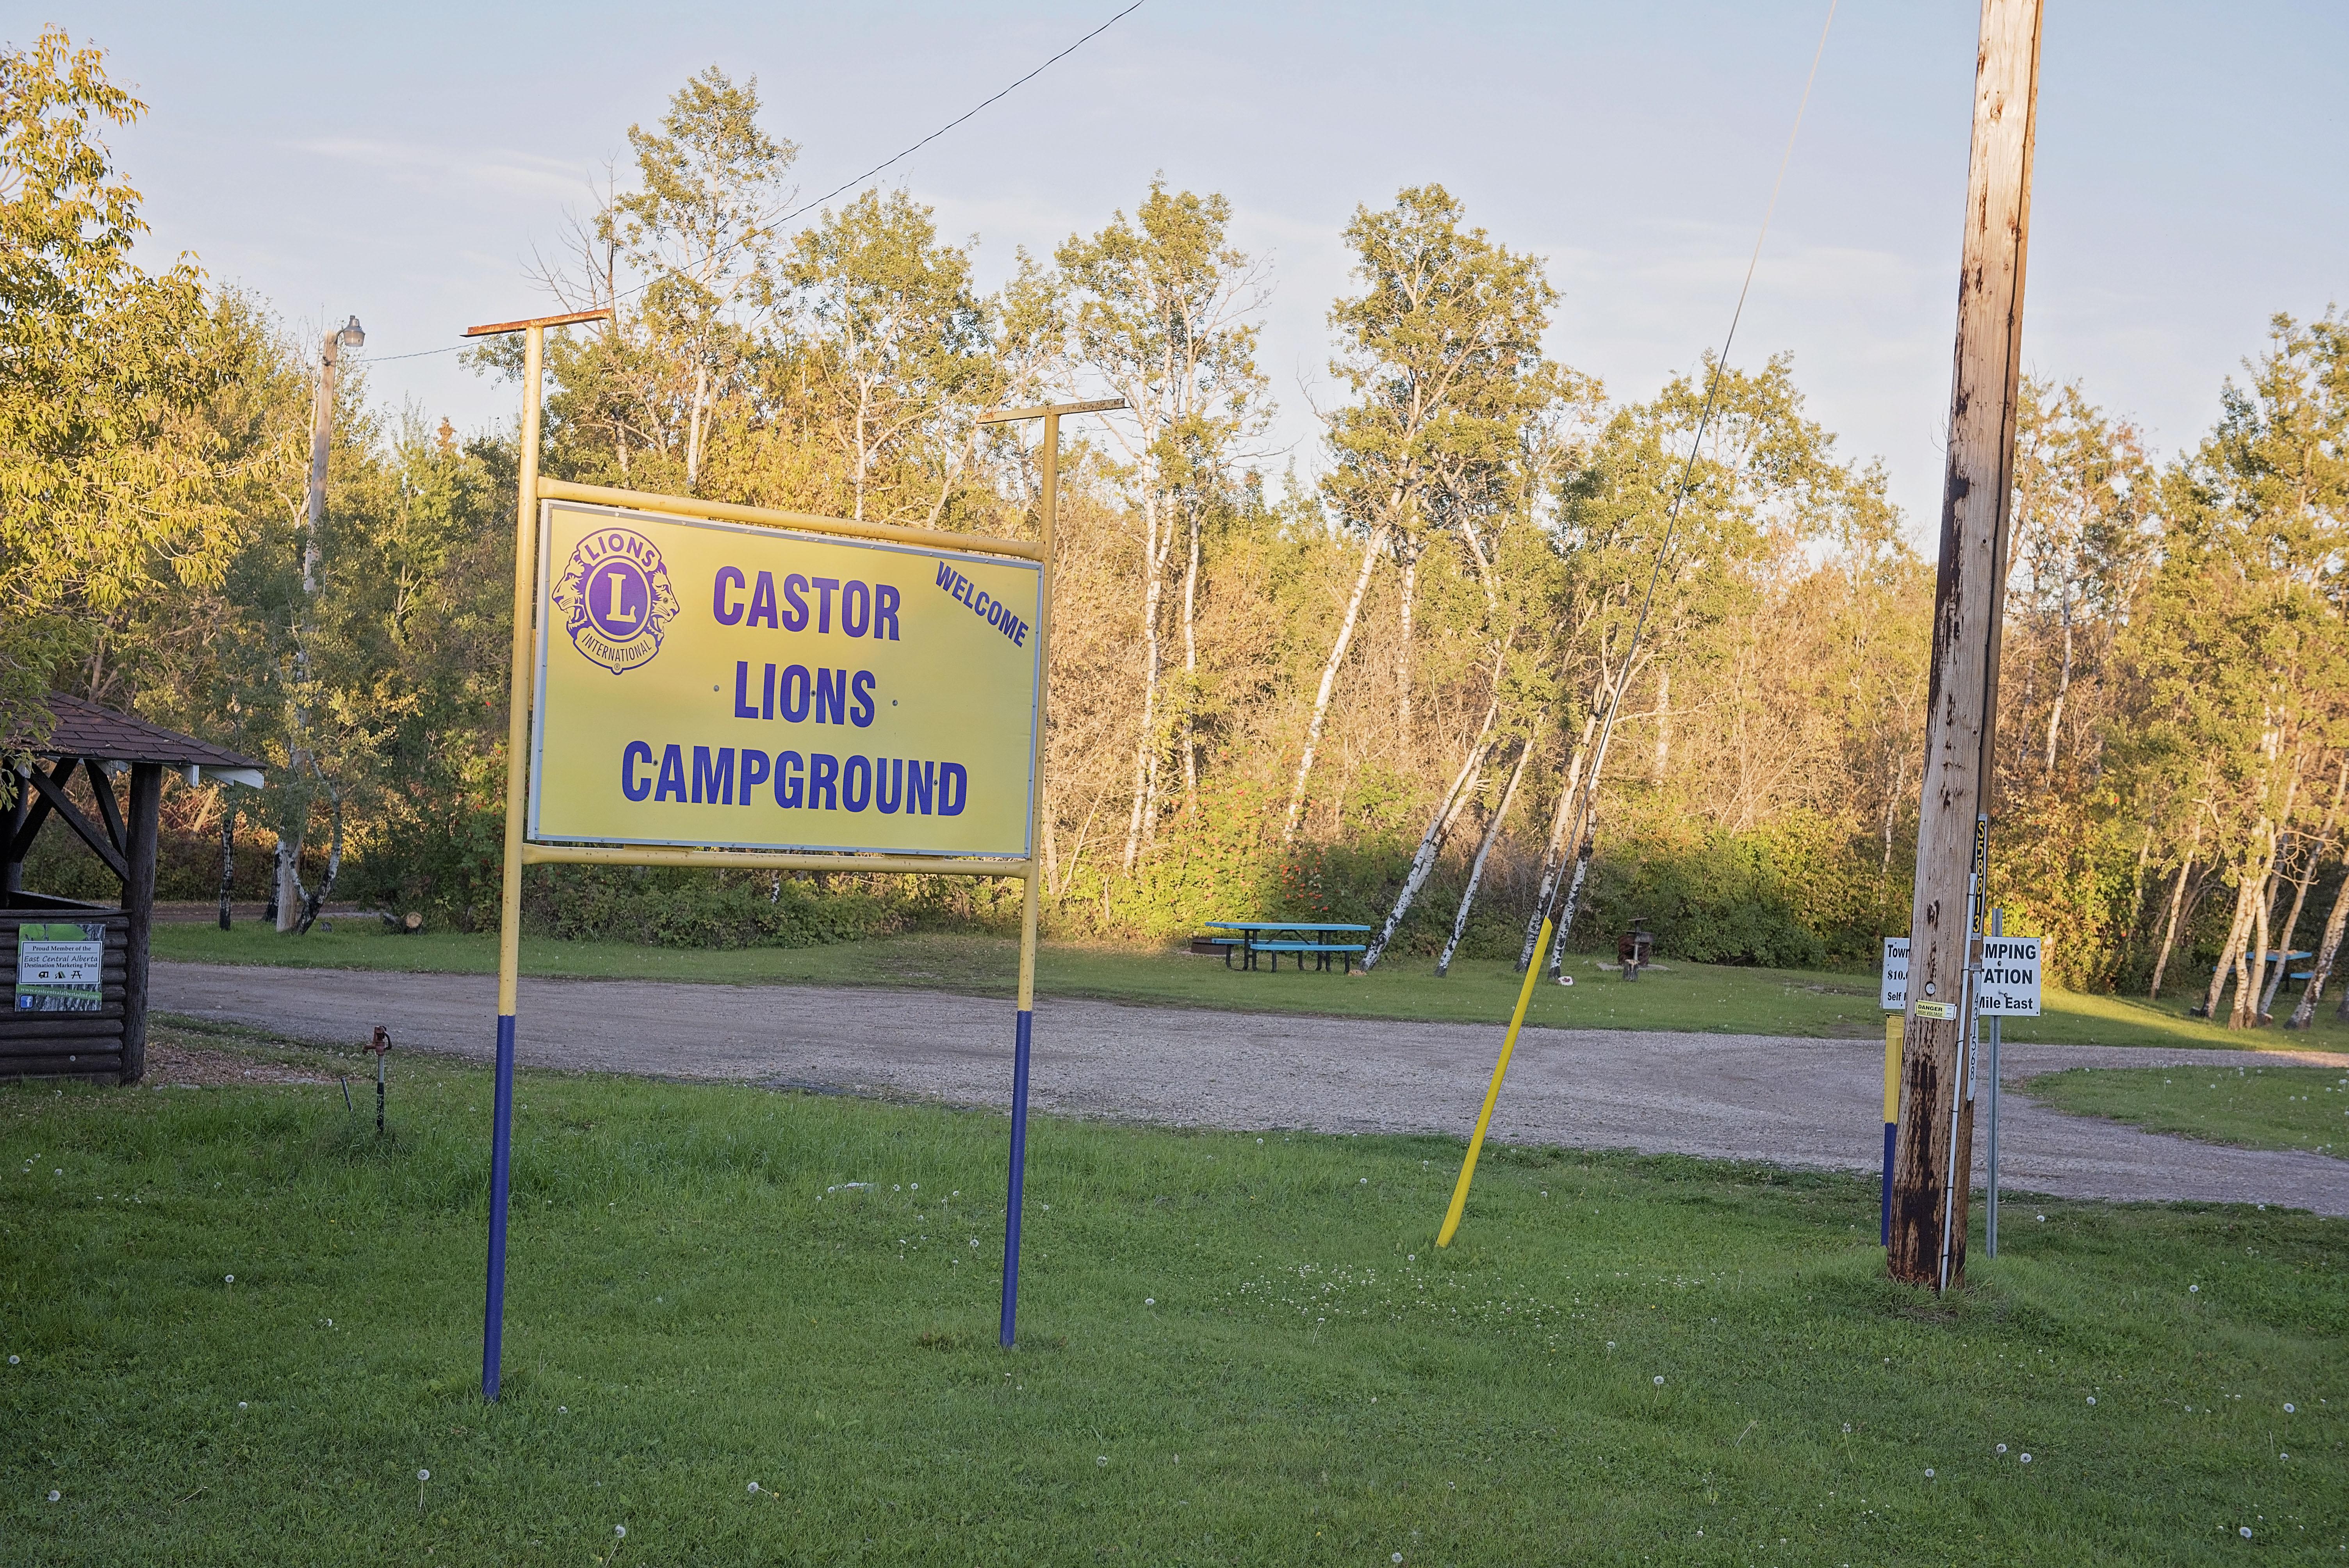 https://0901.nccdn.net/4_2/000/000/05a/a3f/Lions-campground.jpg